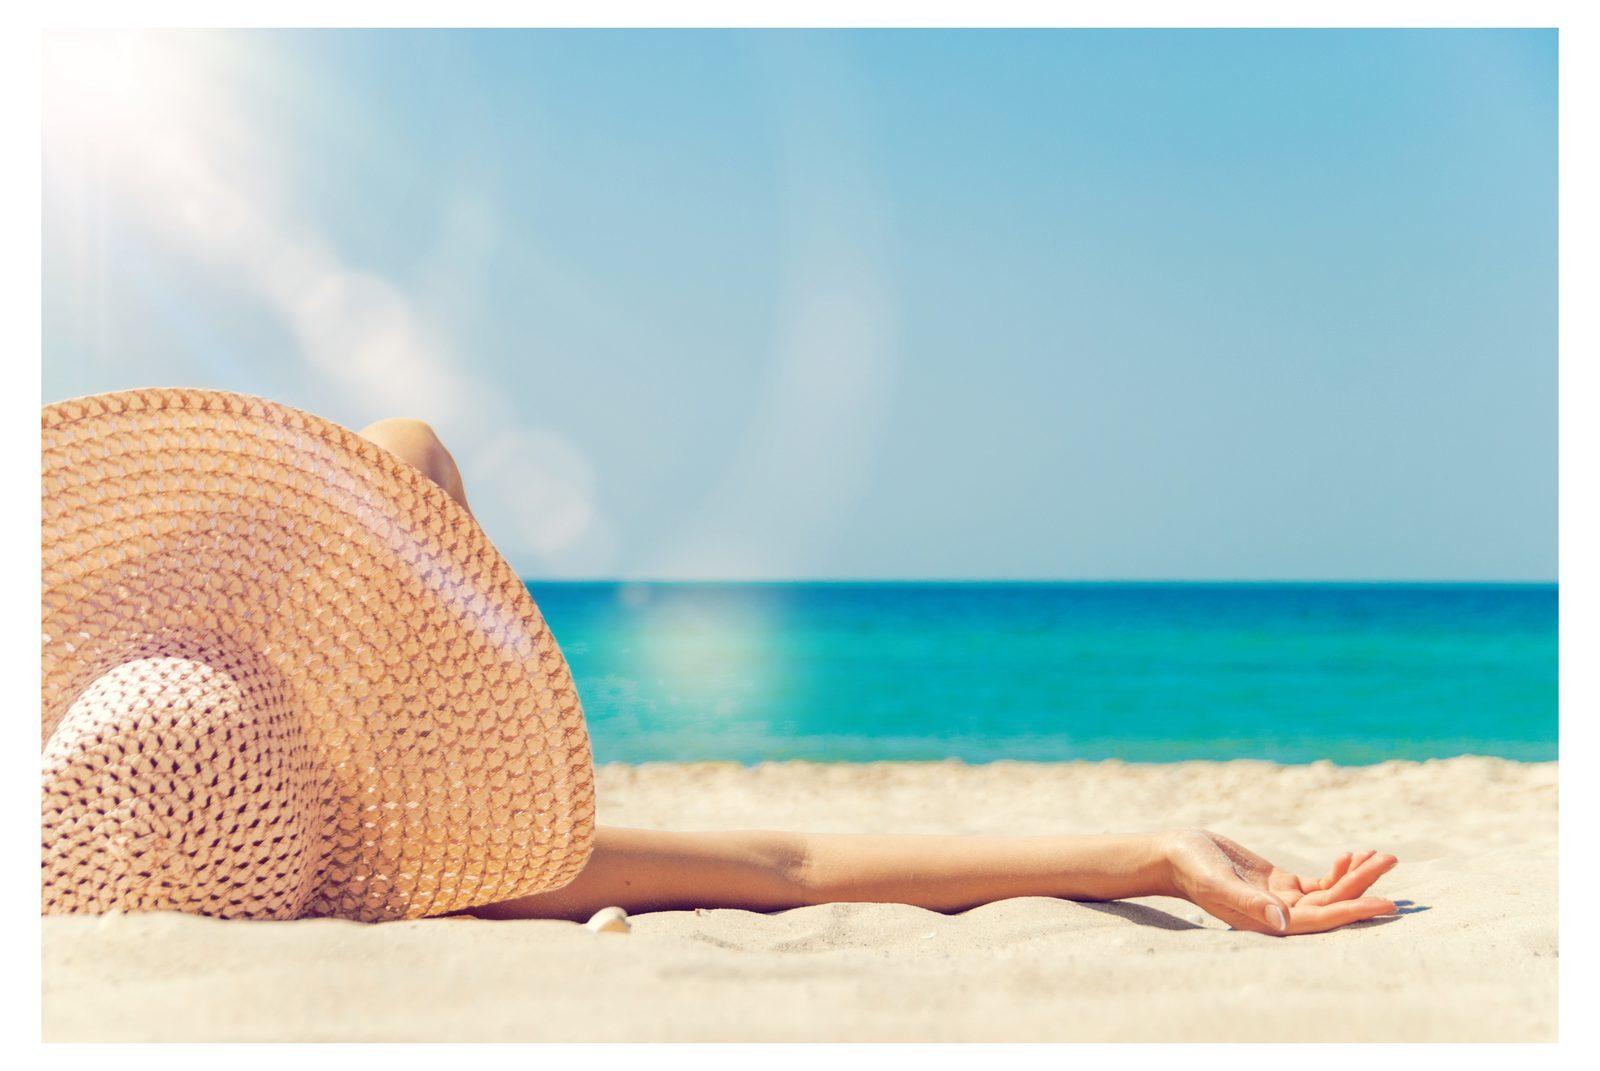 Resort Bonaire - compleet ontspannen